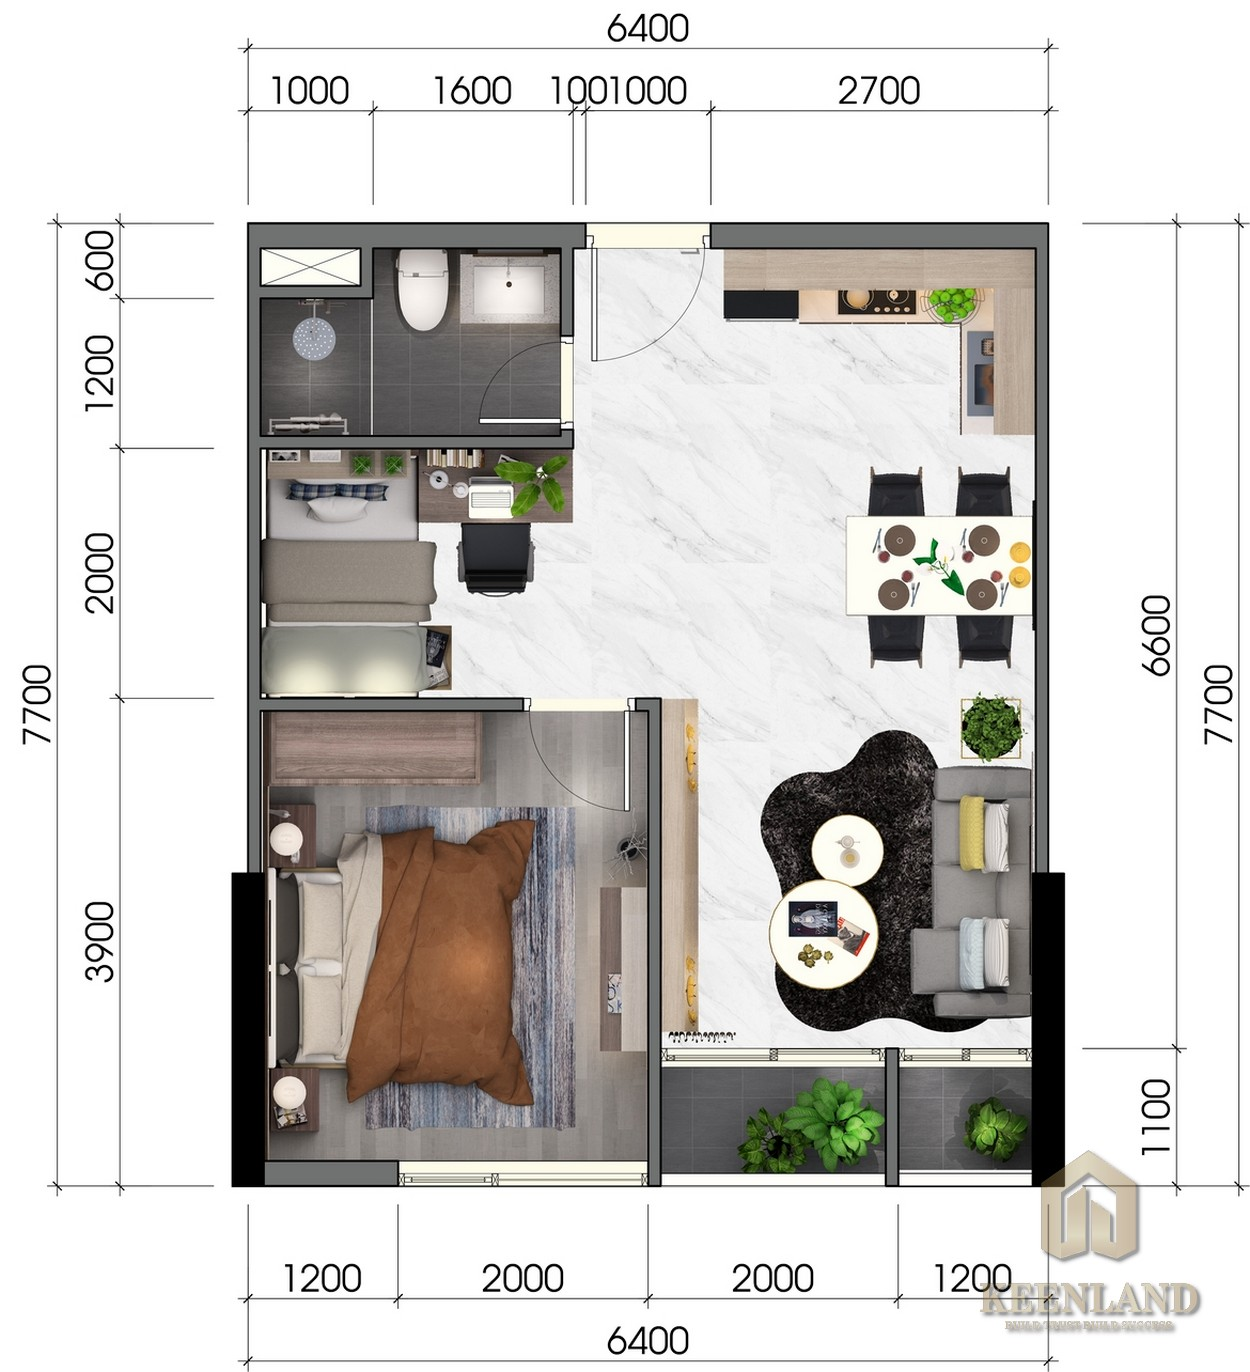 Mua bán cho thuê dự án căn hộ chung cư Thủ Thiêm Dragon quận 2